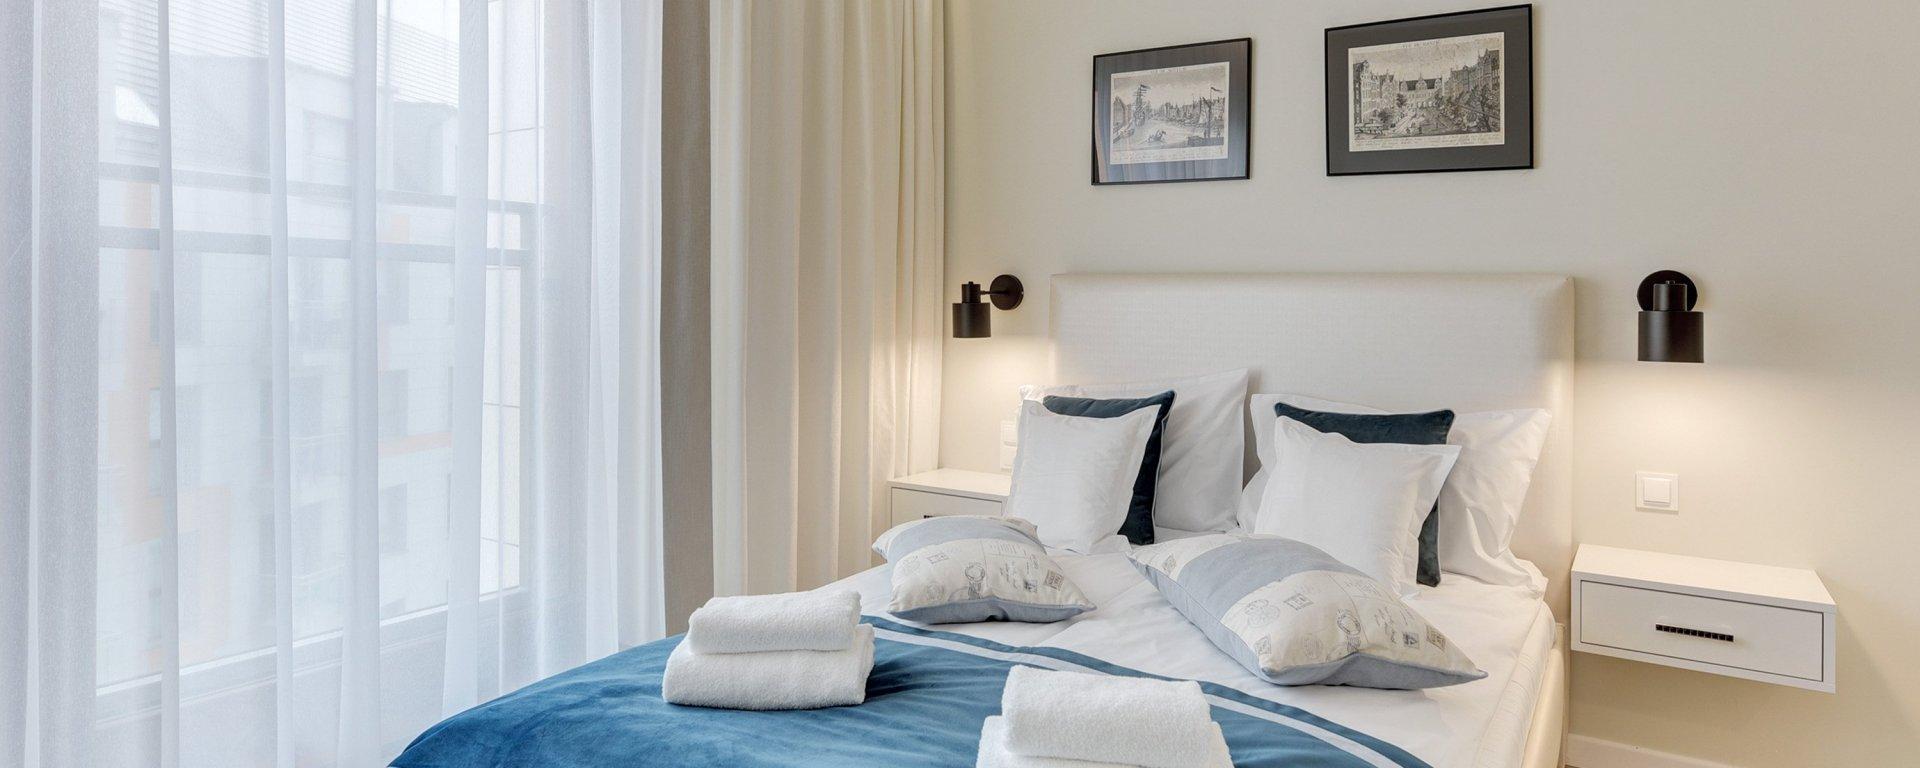 Grano Apartments - Studio Apartment